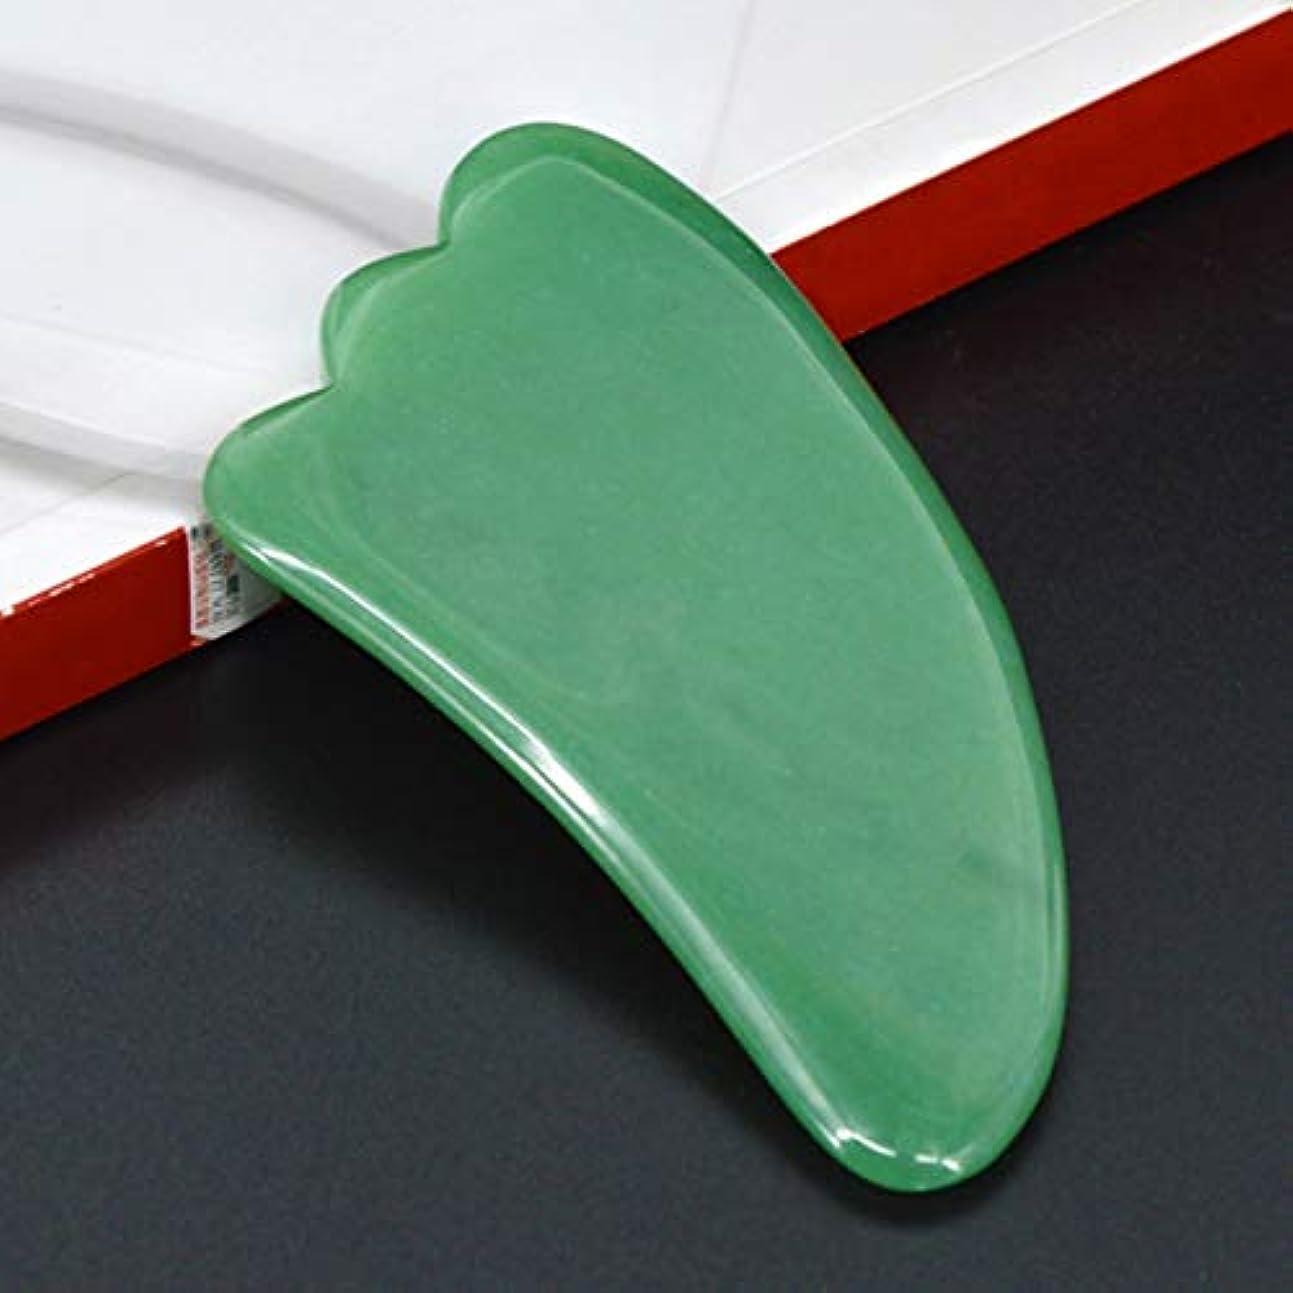 釈義細部シュガーCompact Size Gua Sha Facial Treatment Massage Tool Chinese Natural Jade Scraping Tools Massage Healing Tool